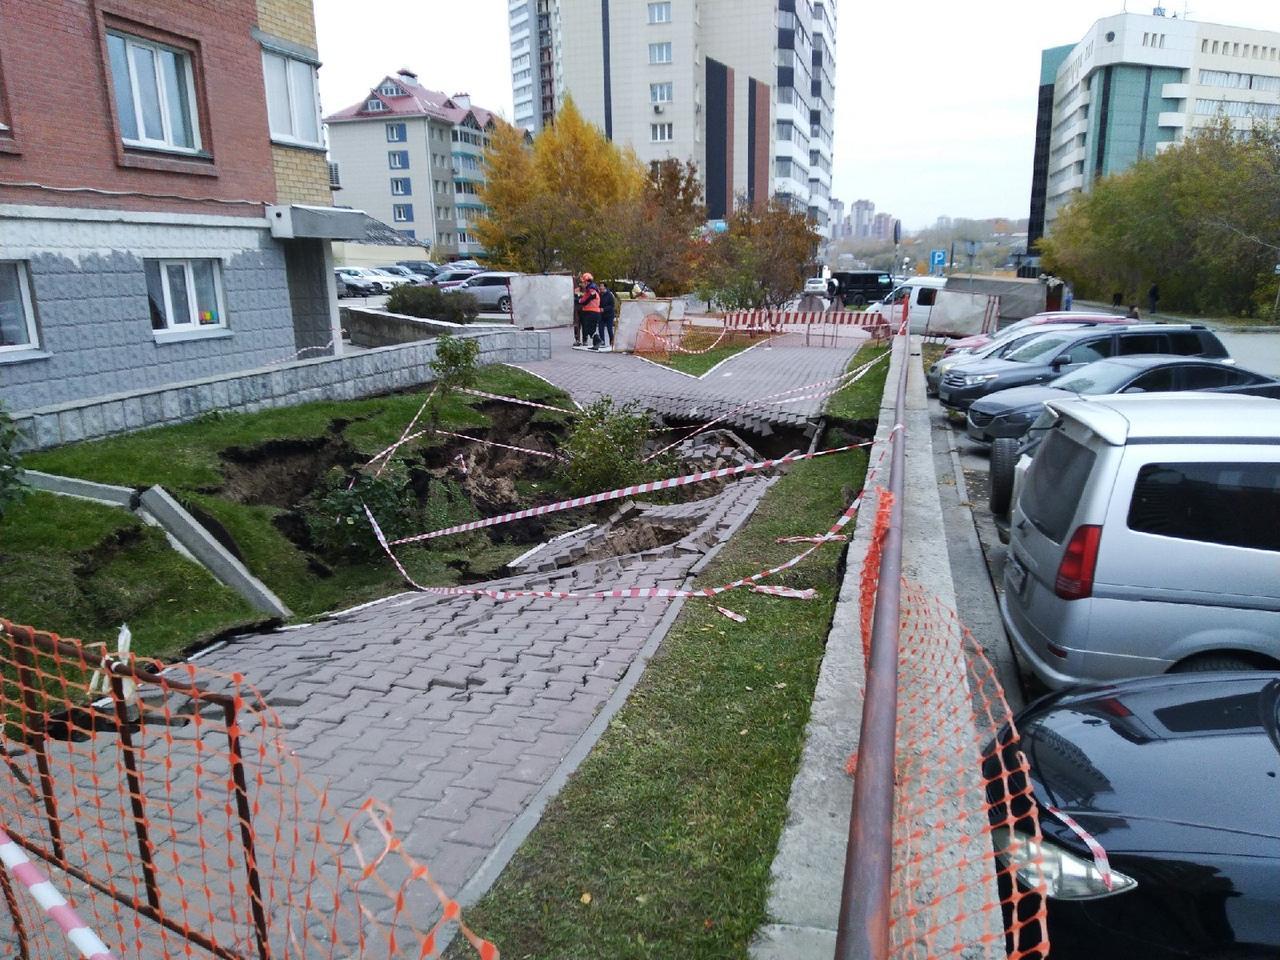 Фото «Город уходит под землю»: тротуар просел на улице Семьи Шамшиных после коммунальной аварии в Новосибирске 3